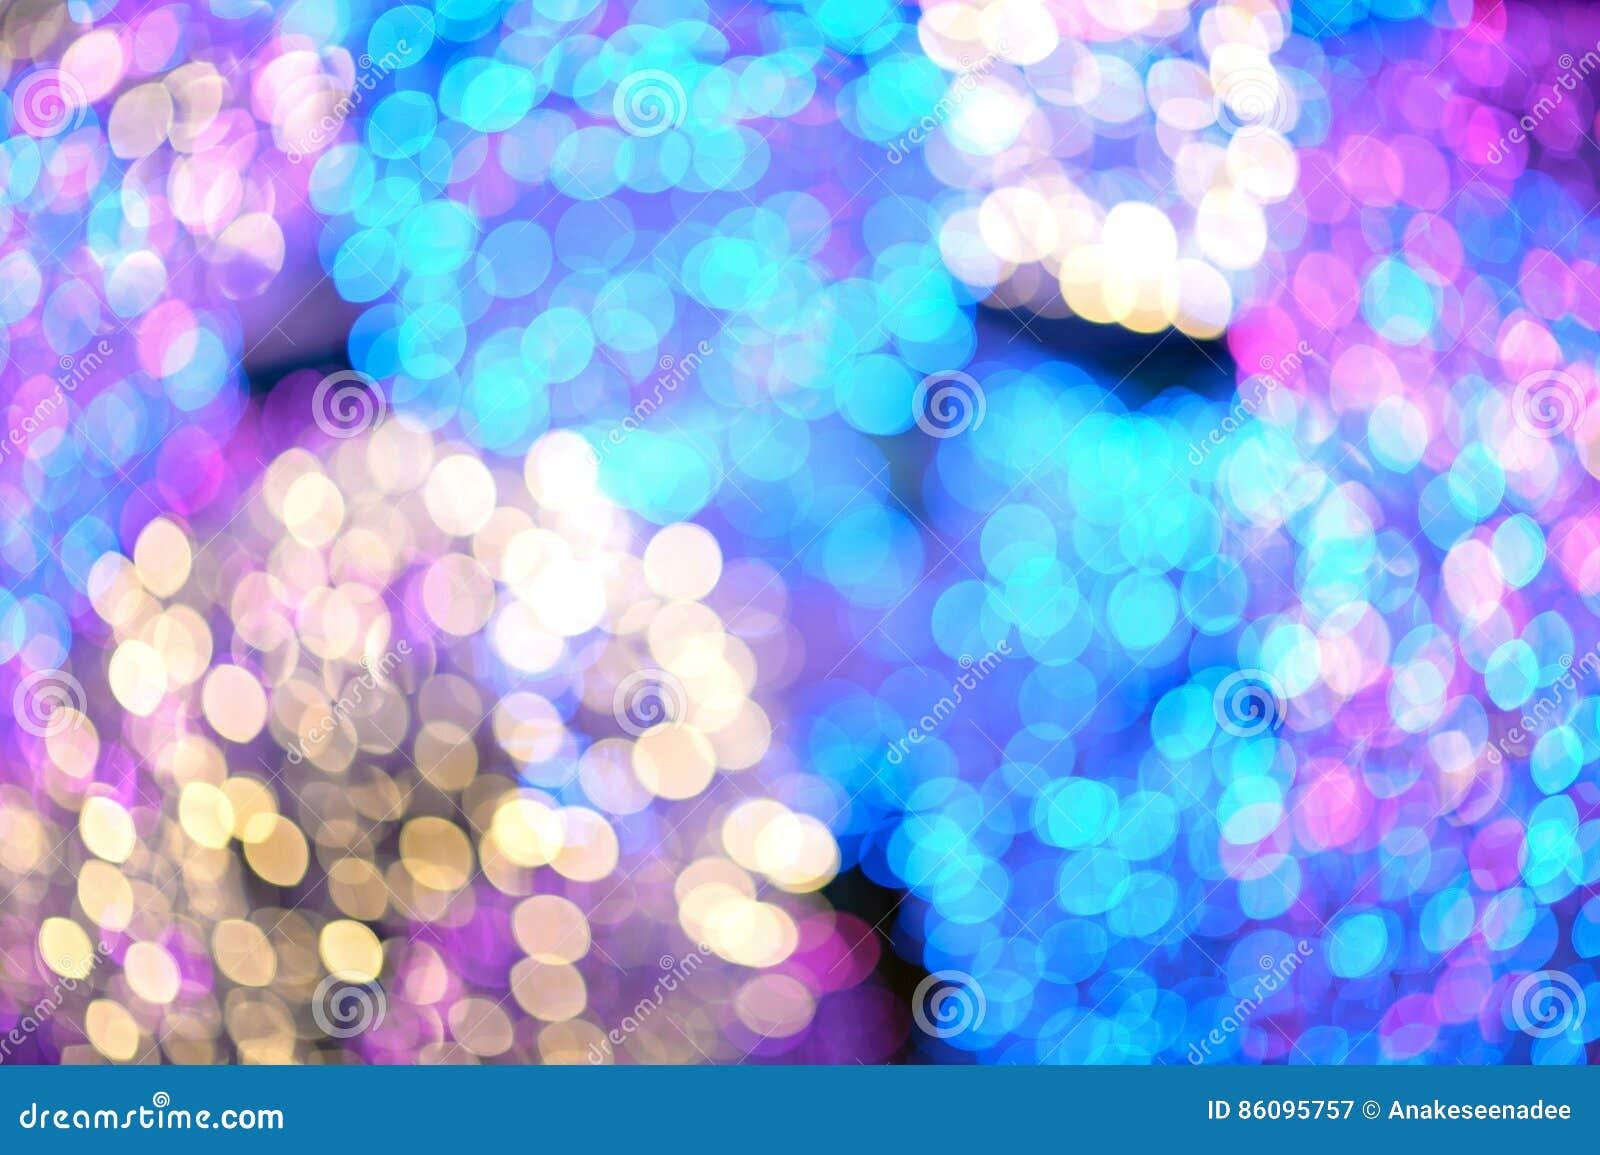 Bokeh color full stock illustration  Illustration of blue - 86095757